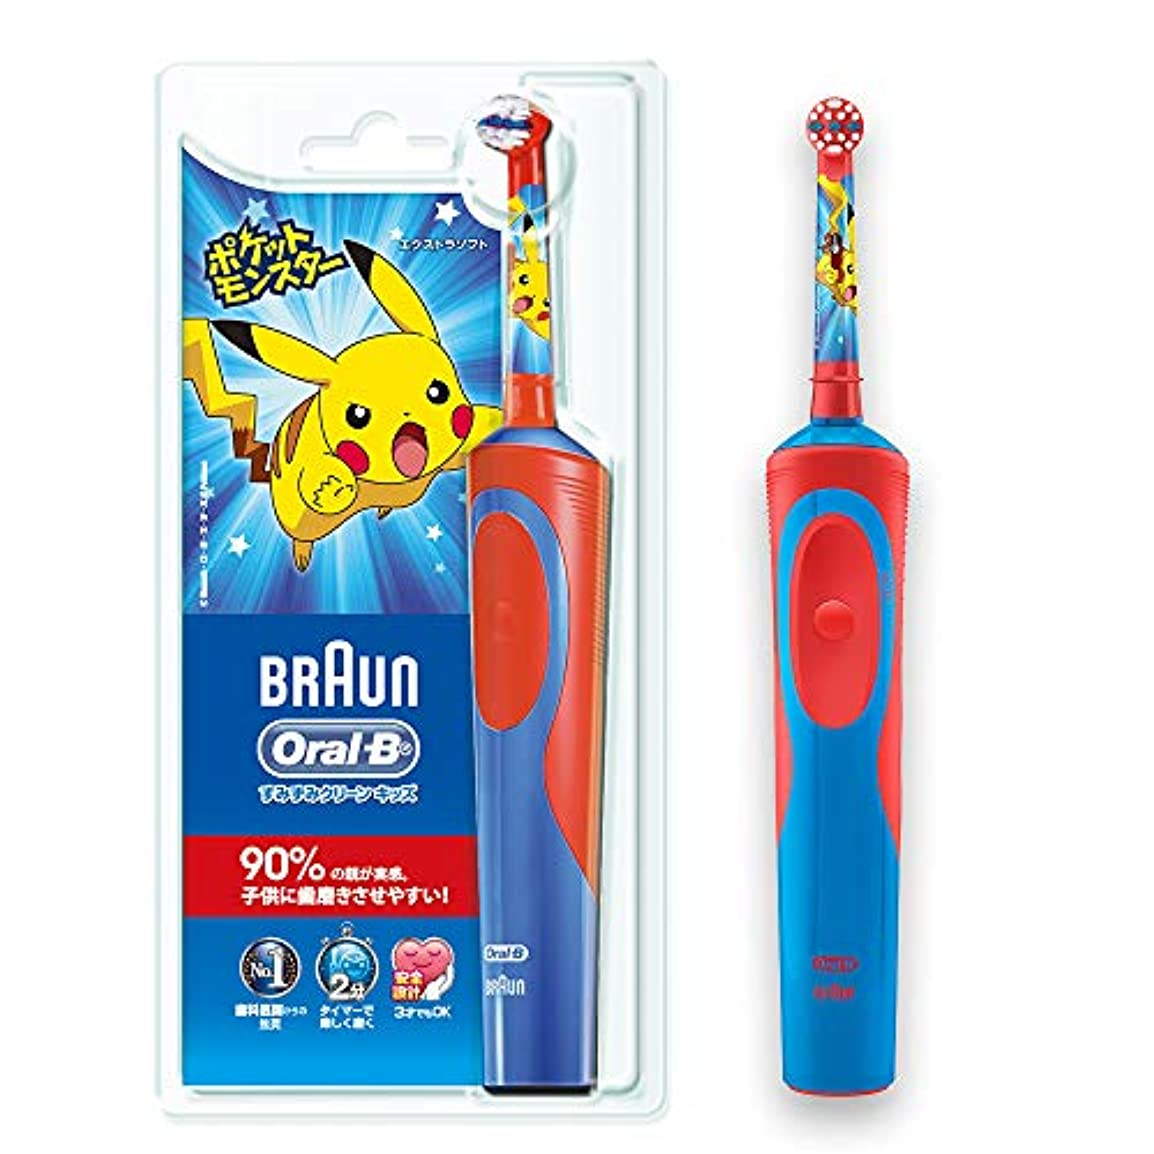 あいまいな怒り脅かすブラウン オーラルB 電動歯ブラシ 子供用 D12513KPKMB すみずみクリーンキッズ 本体 レッド ポケモン 歯ブラシ